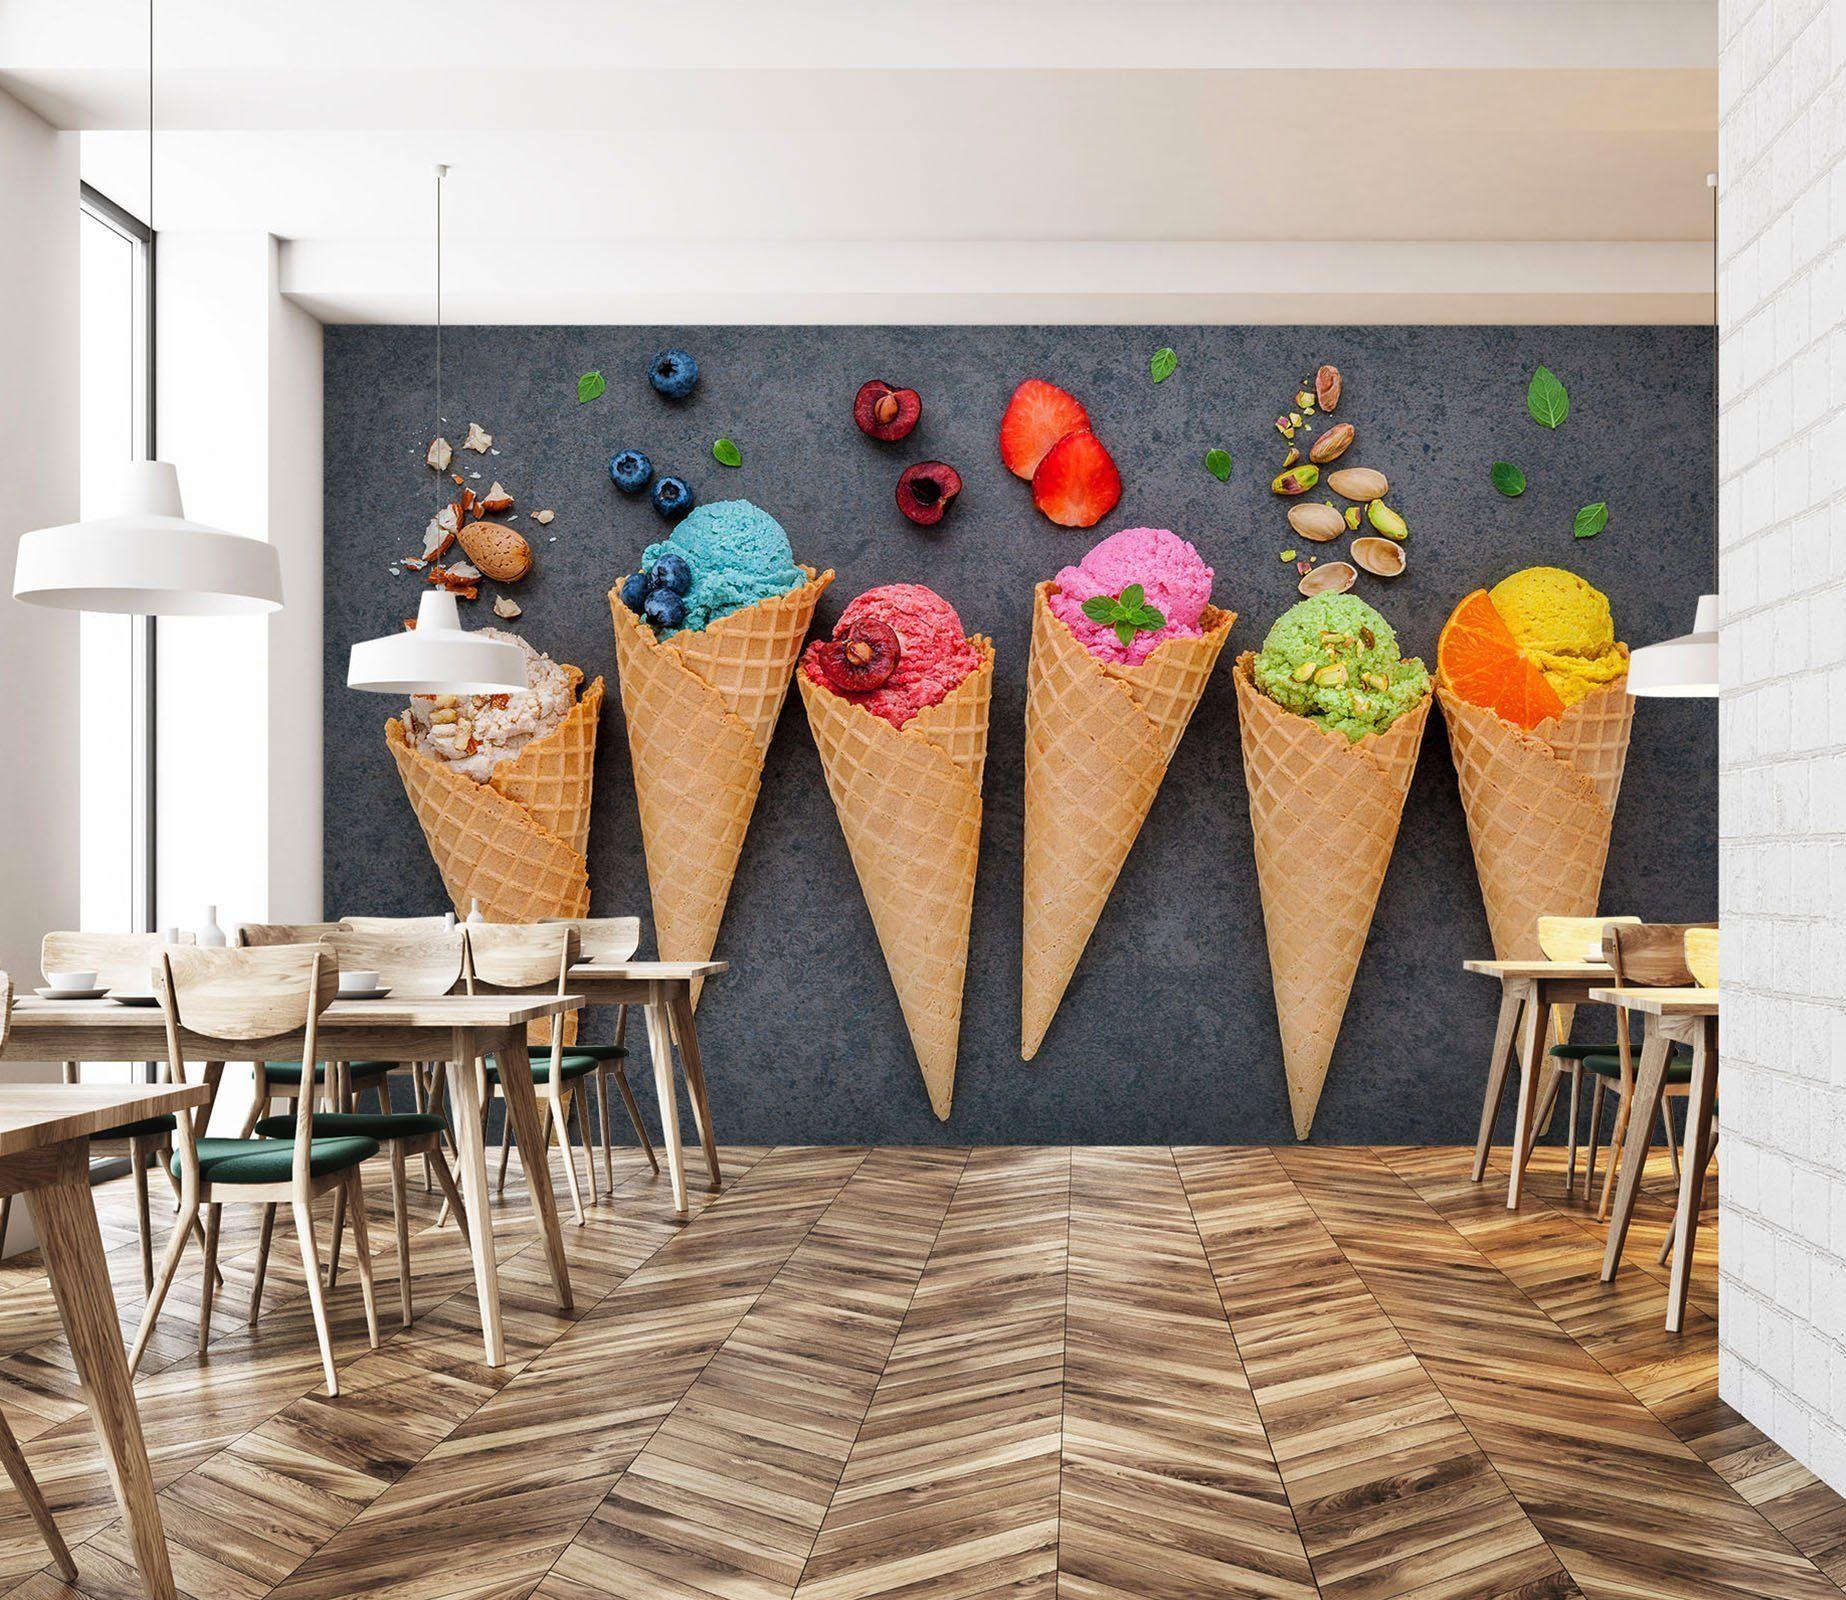 Картинка кафе мороженое